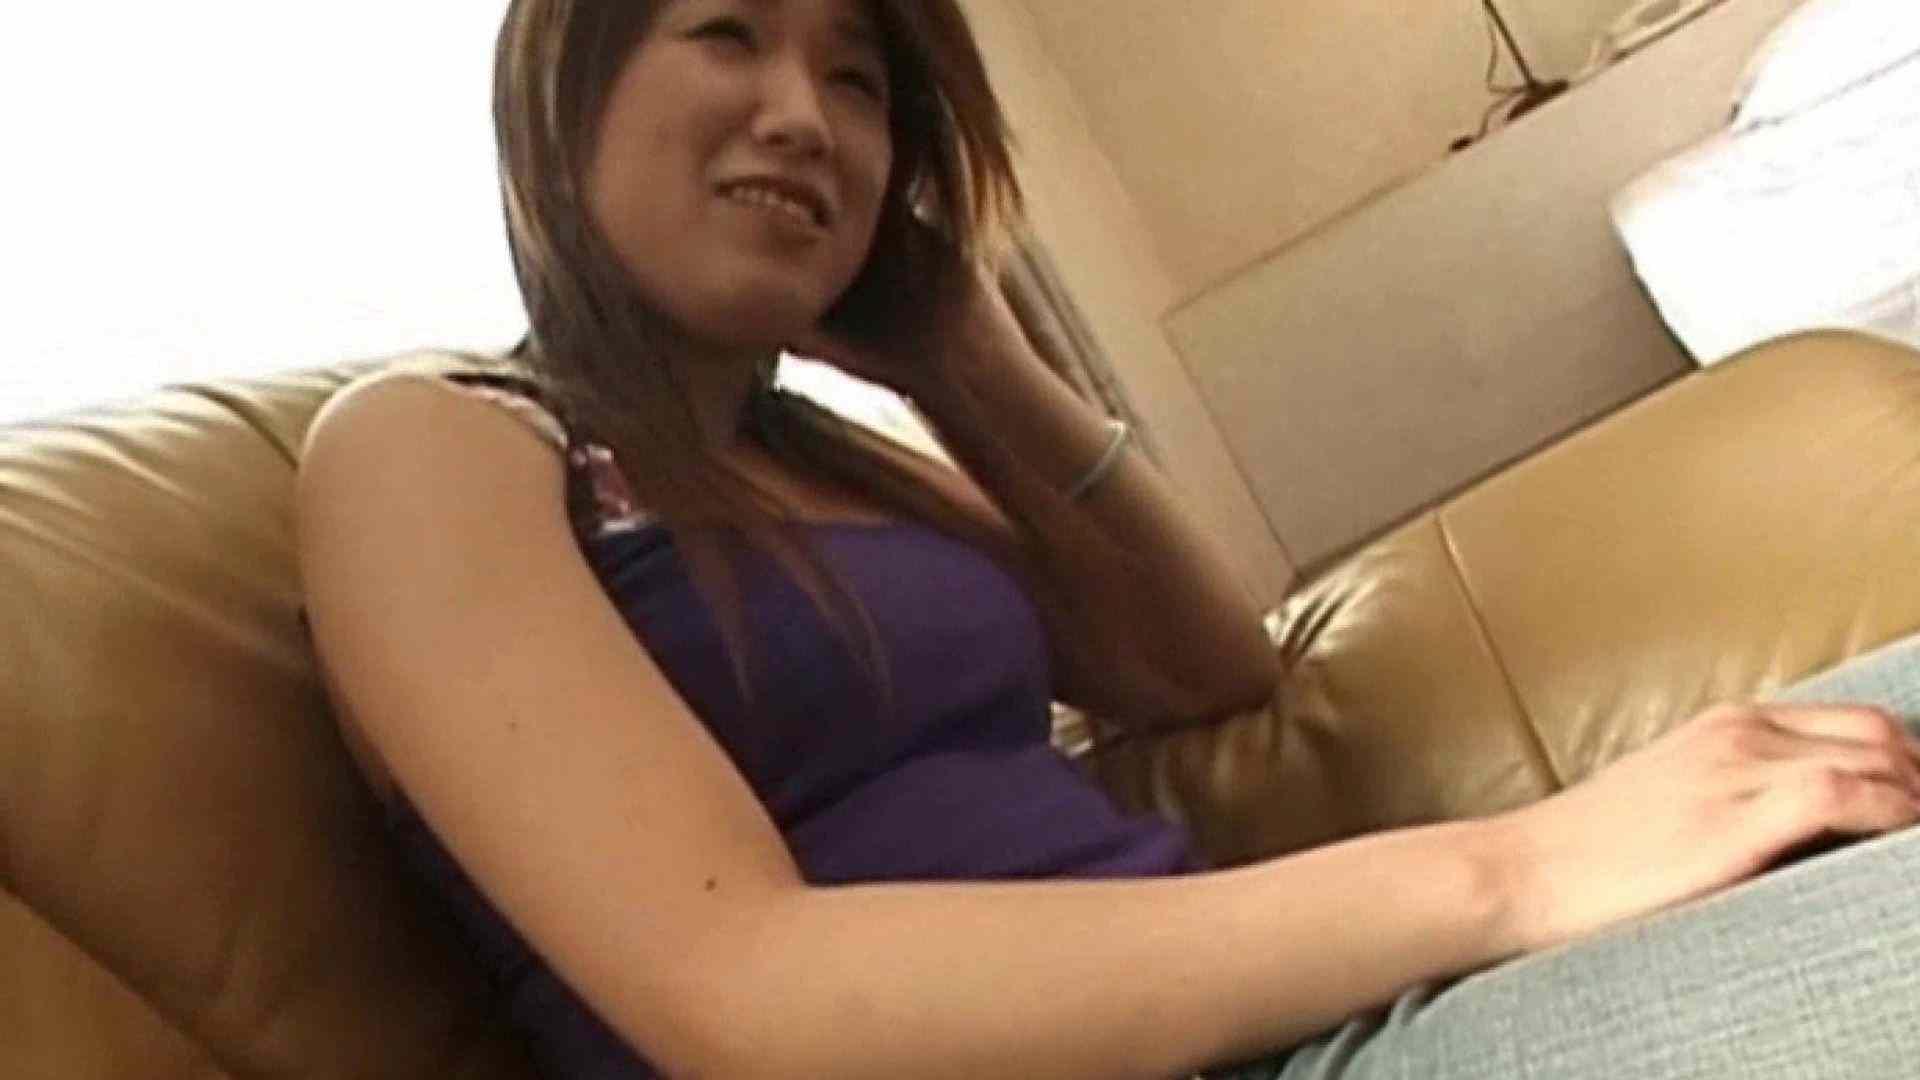 S級厳選美女ビッチガールVol.53 美女OL のぞき動画画像 82連発 26